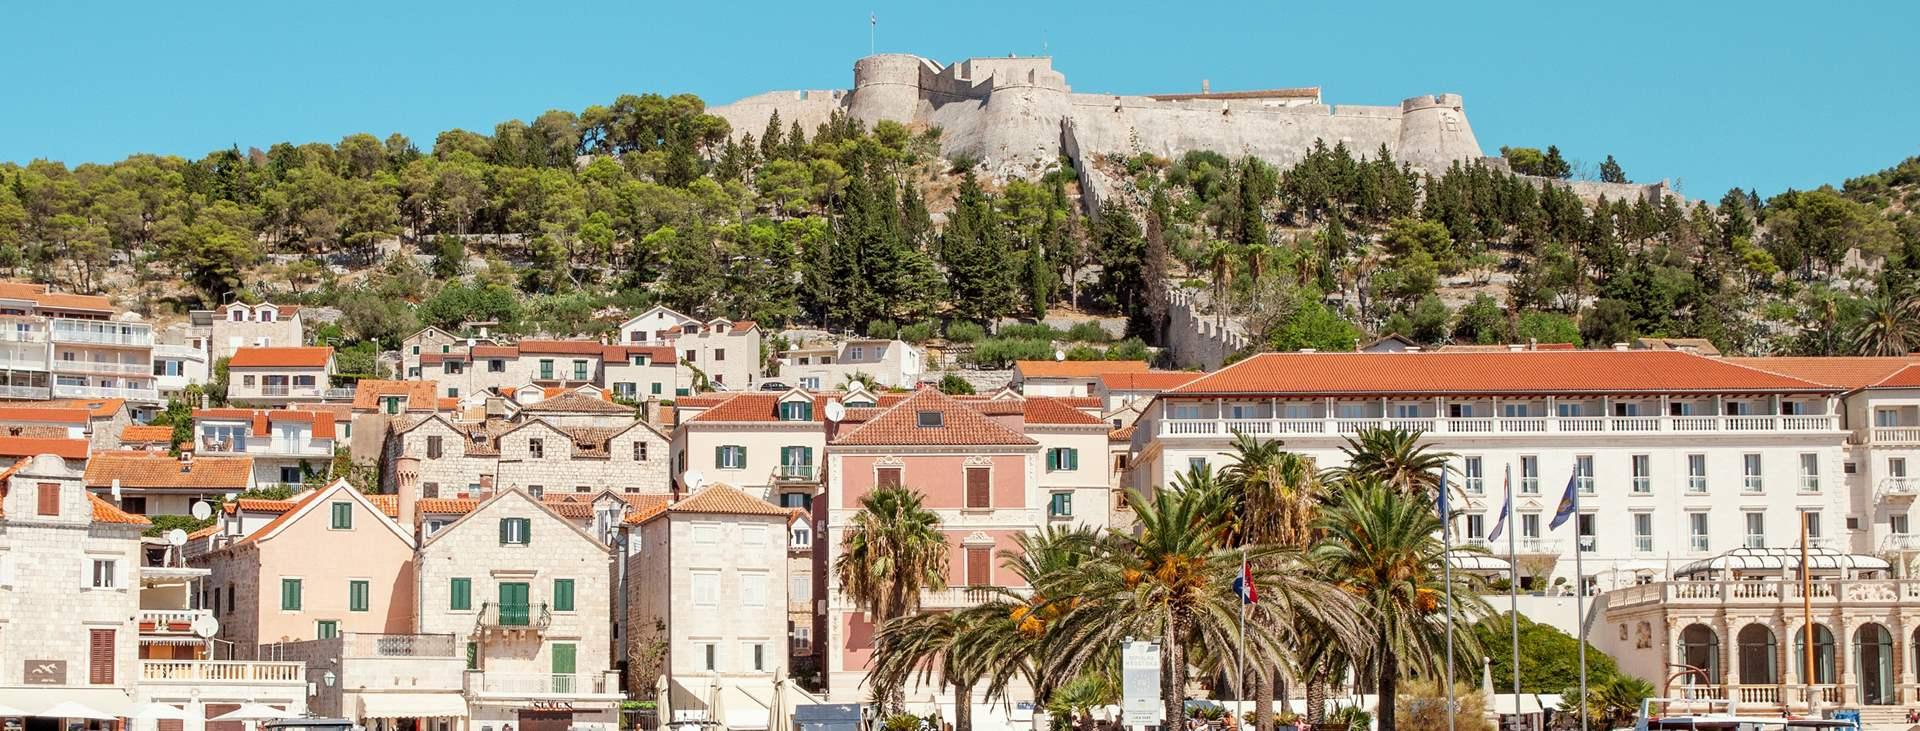 Bestill en reise med Ving til Hvar i Kroatia